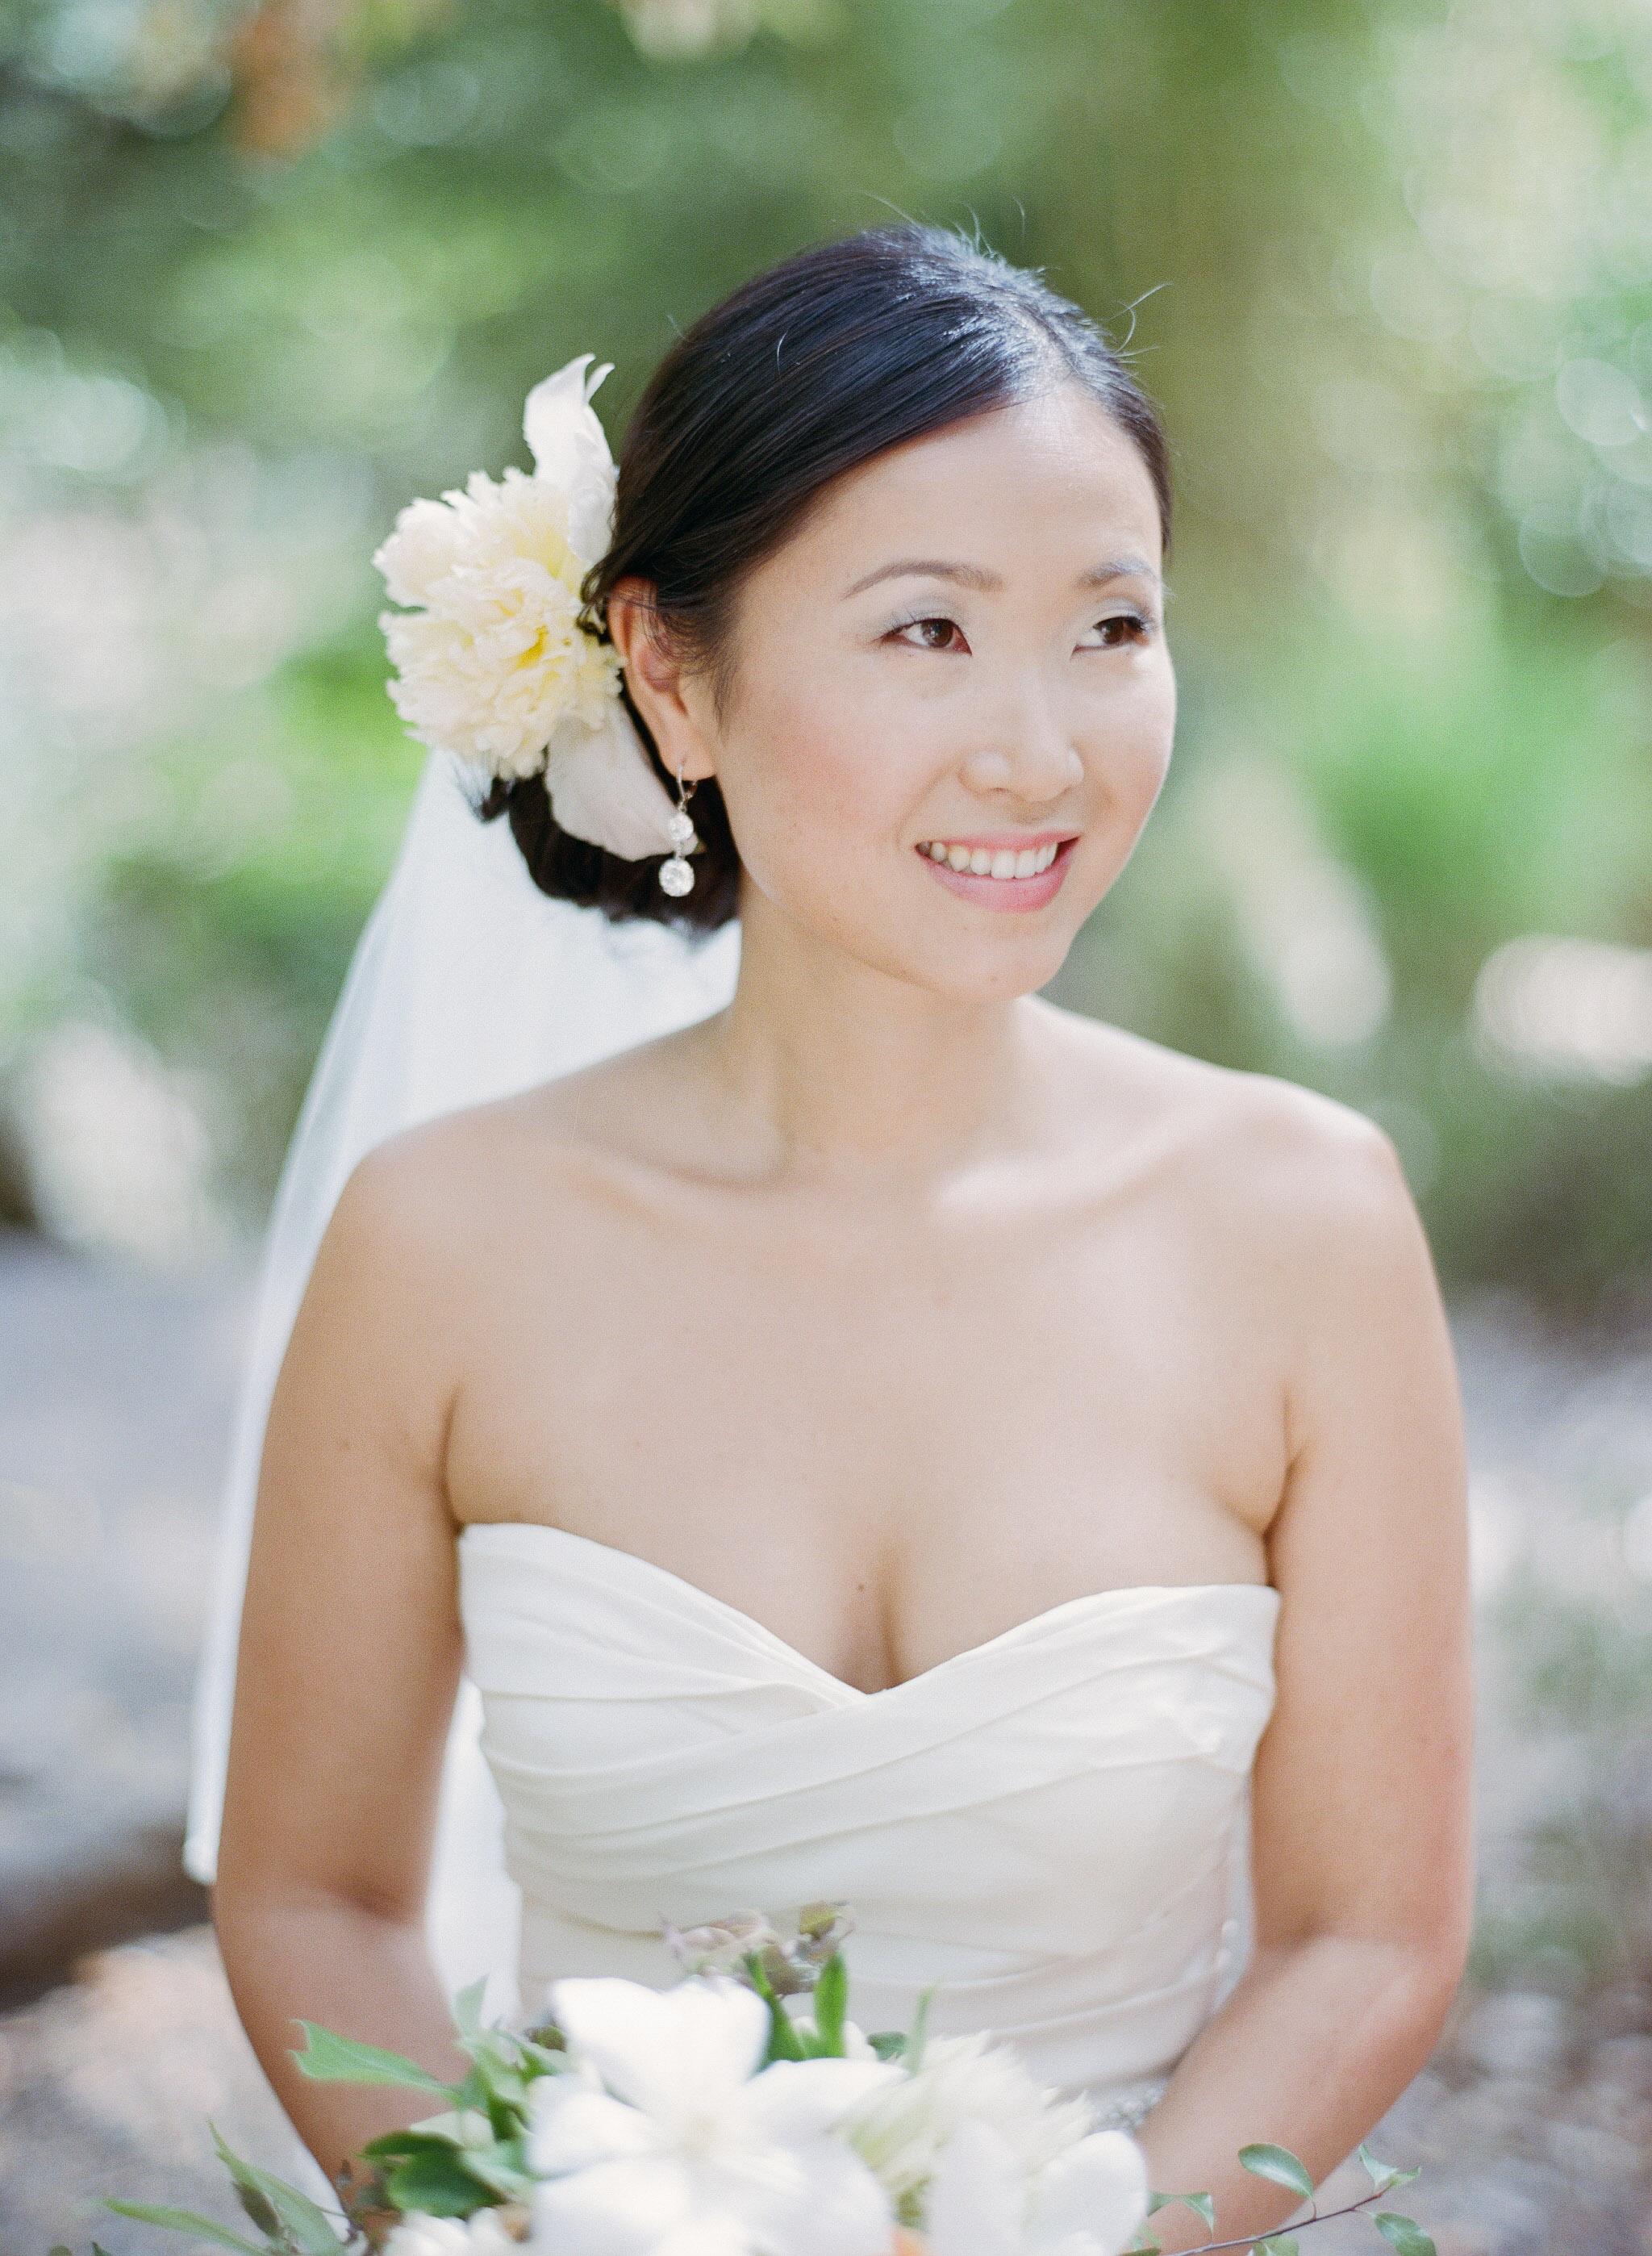 SylvieGil-Bride, Ceremony, Family, film, Groom, Napa, Reception, Wedding, Wedding Party-9.jpg